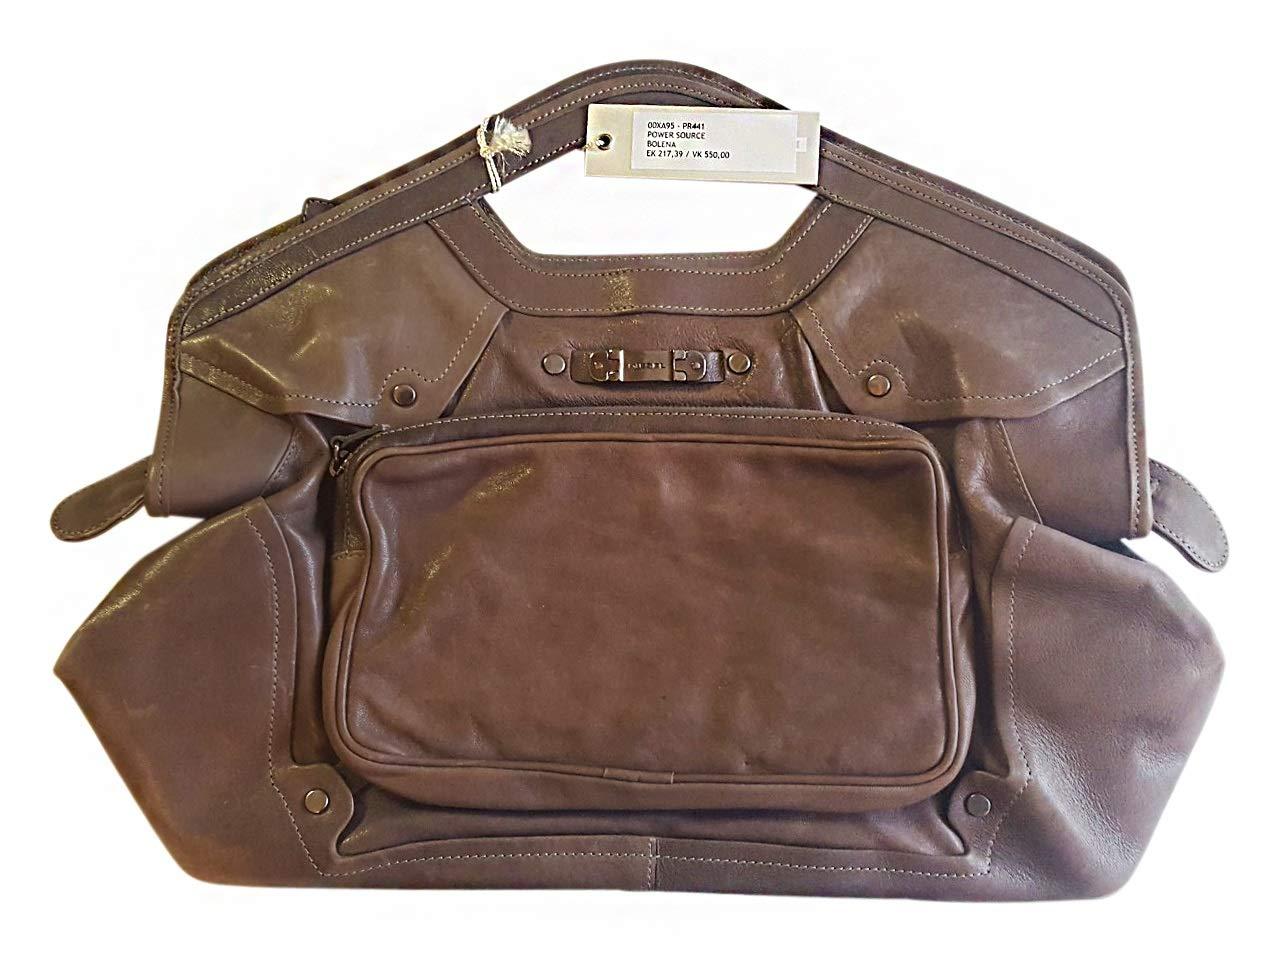 Diesel Handbag 00XA95PR441T2154 Bagage Cabine, 32 cm, 6 liters, Gris (Grau)